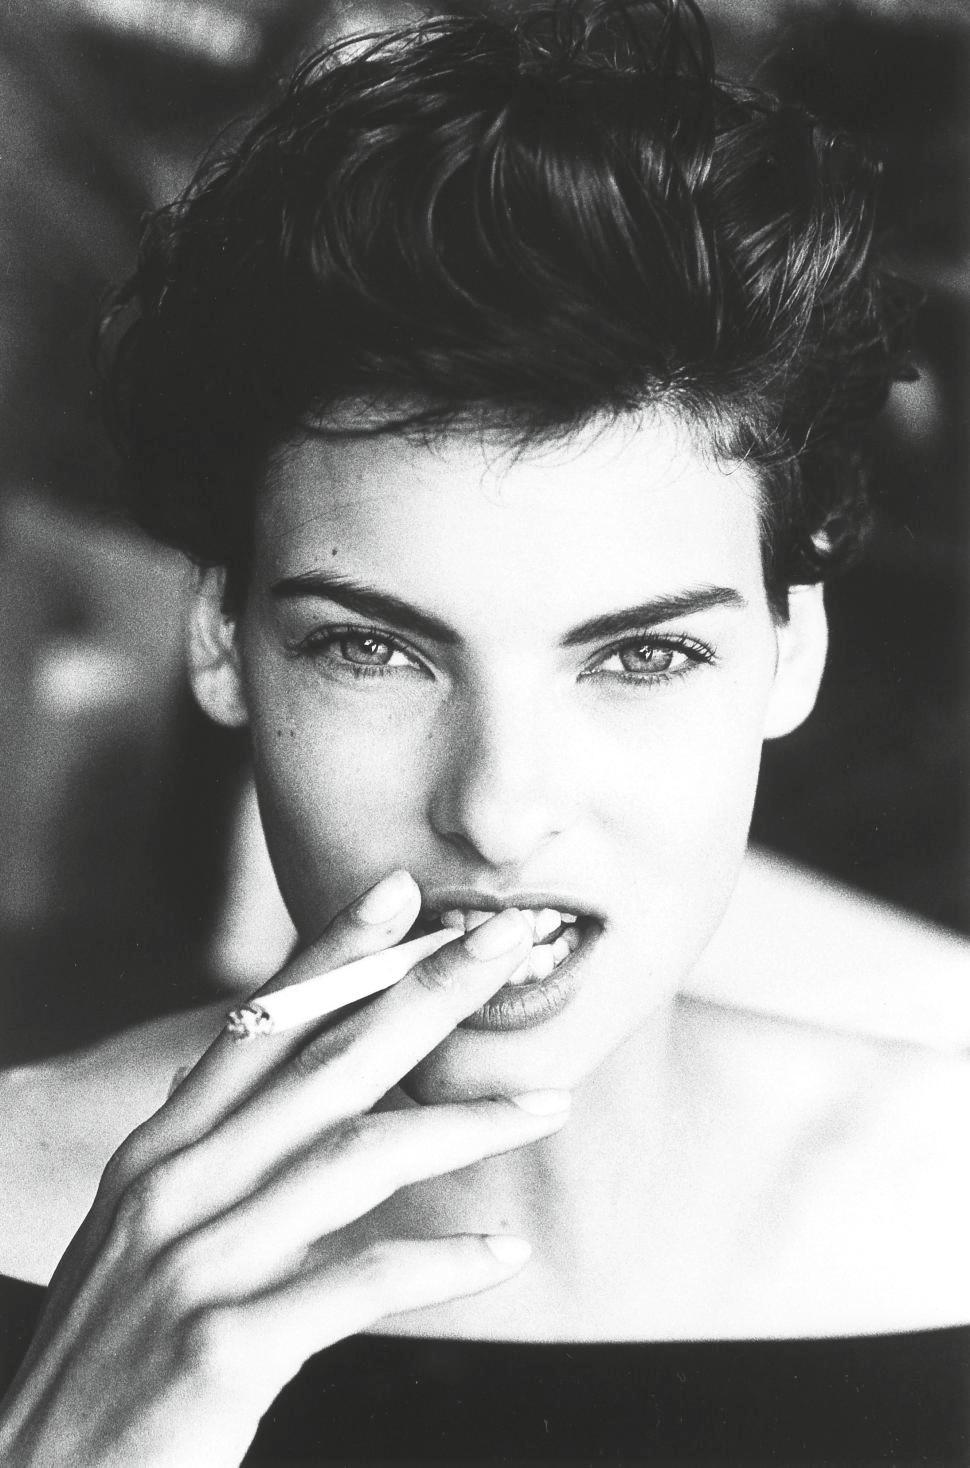 Linda Evangelista, Smoking, Dominica, 1990